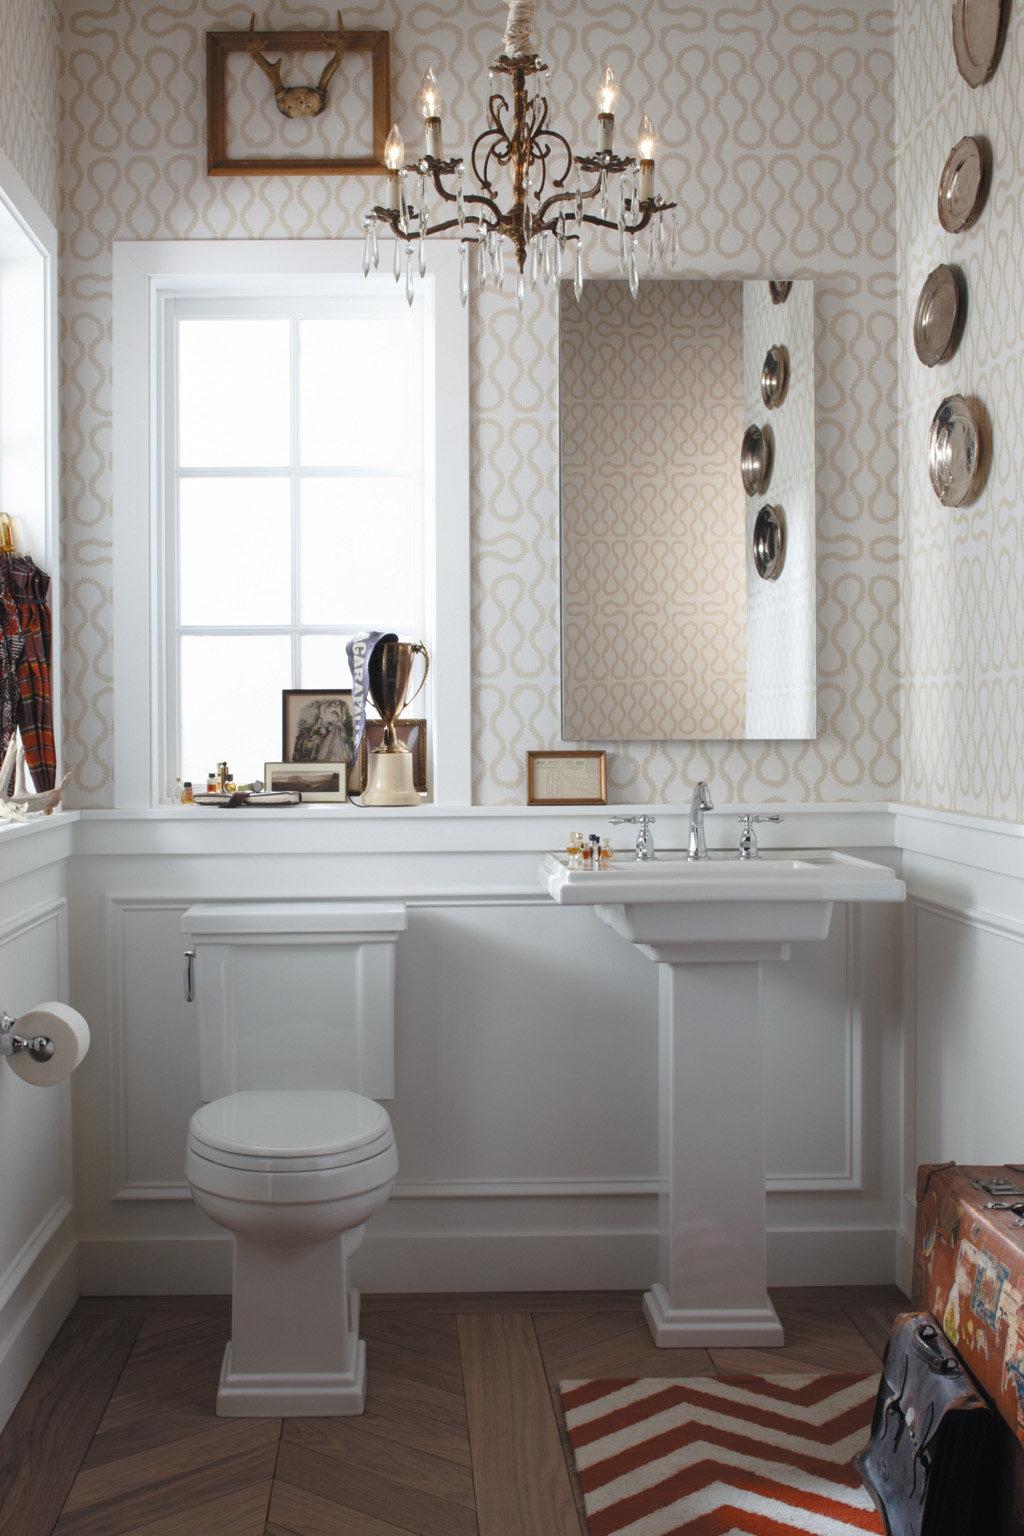 kohler memoirs faucet chrome kohler memoirs faucet chrome bathroom bathroom sink pedestal faucet for pedestal sink 1024 x 1536